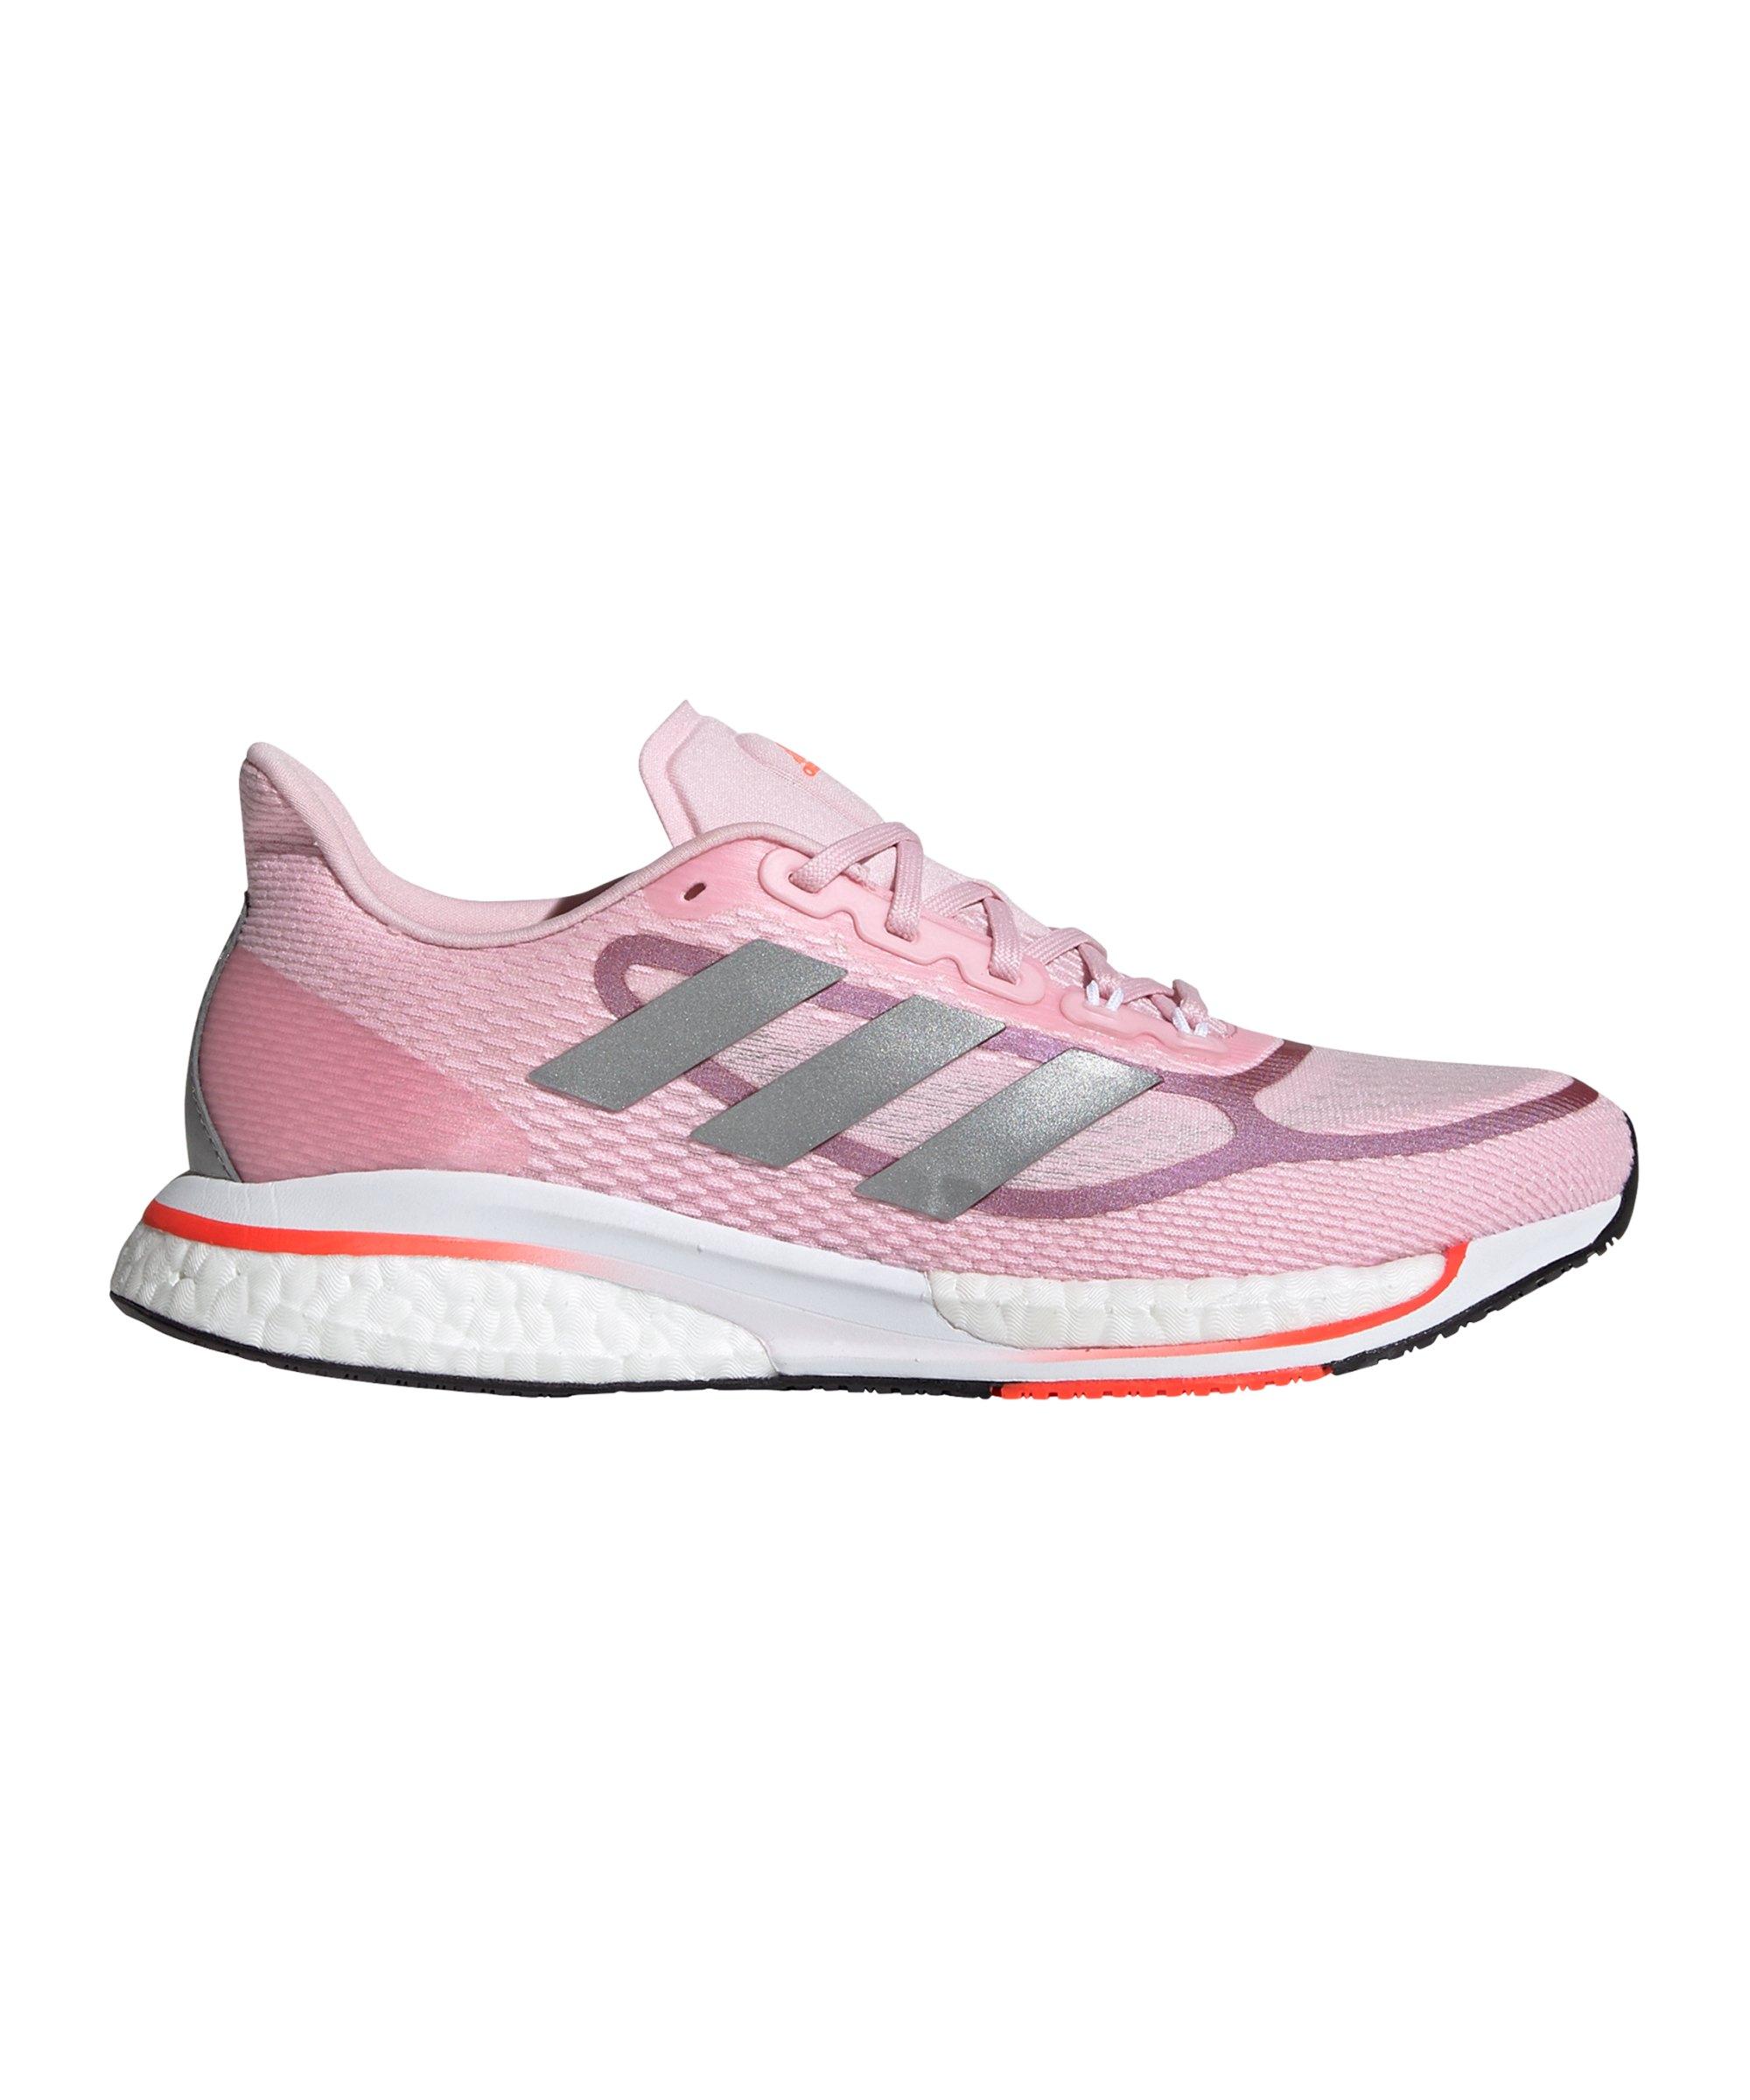 adidas Supernova+ Running Damen Rosa Lila - rosa